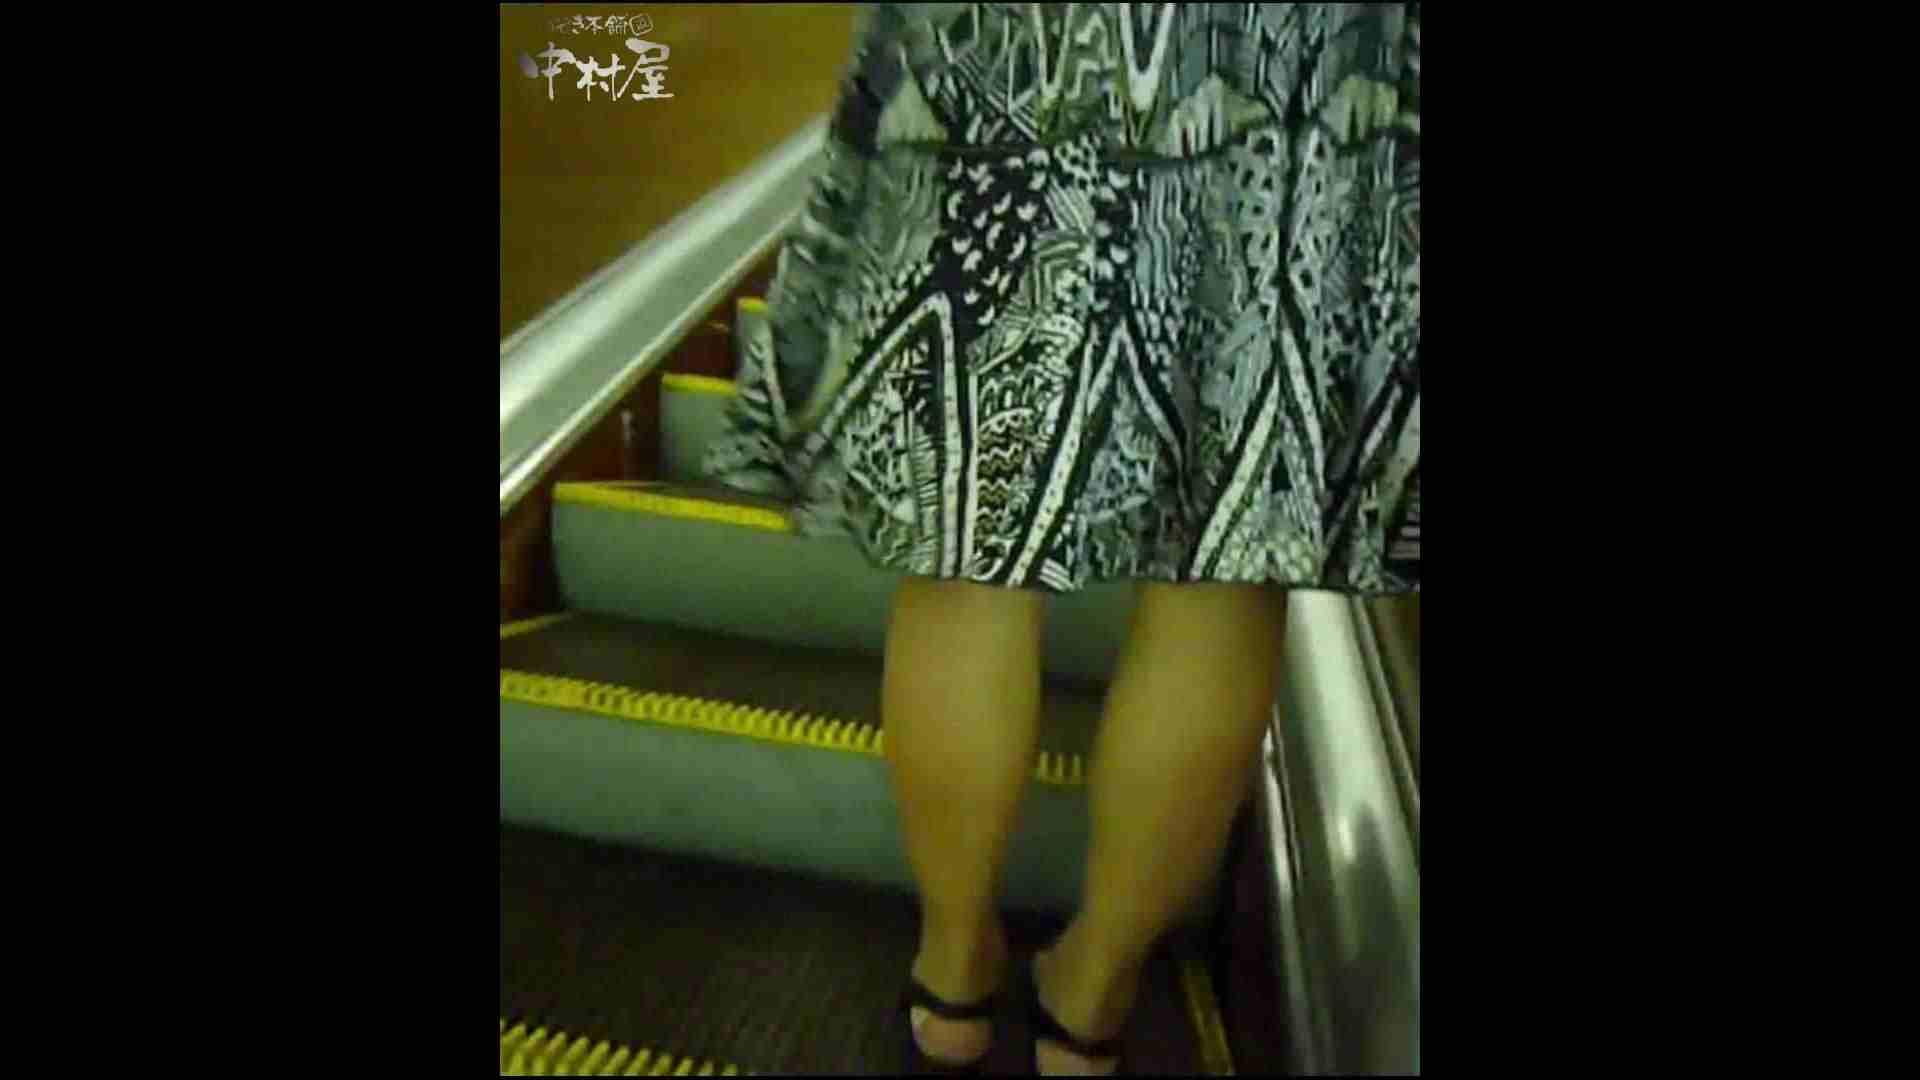 綺麗なモデルさんのスカート捲っちゃおう‼ vol26 Hなお姉さん | HなOL  76pic 27